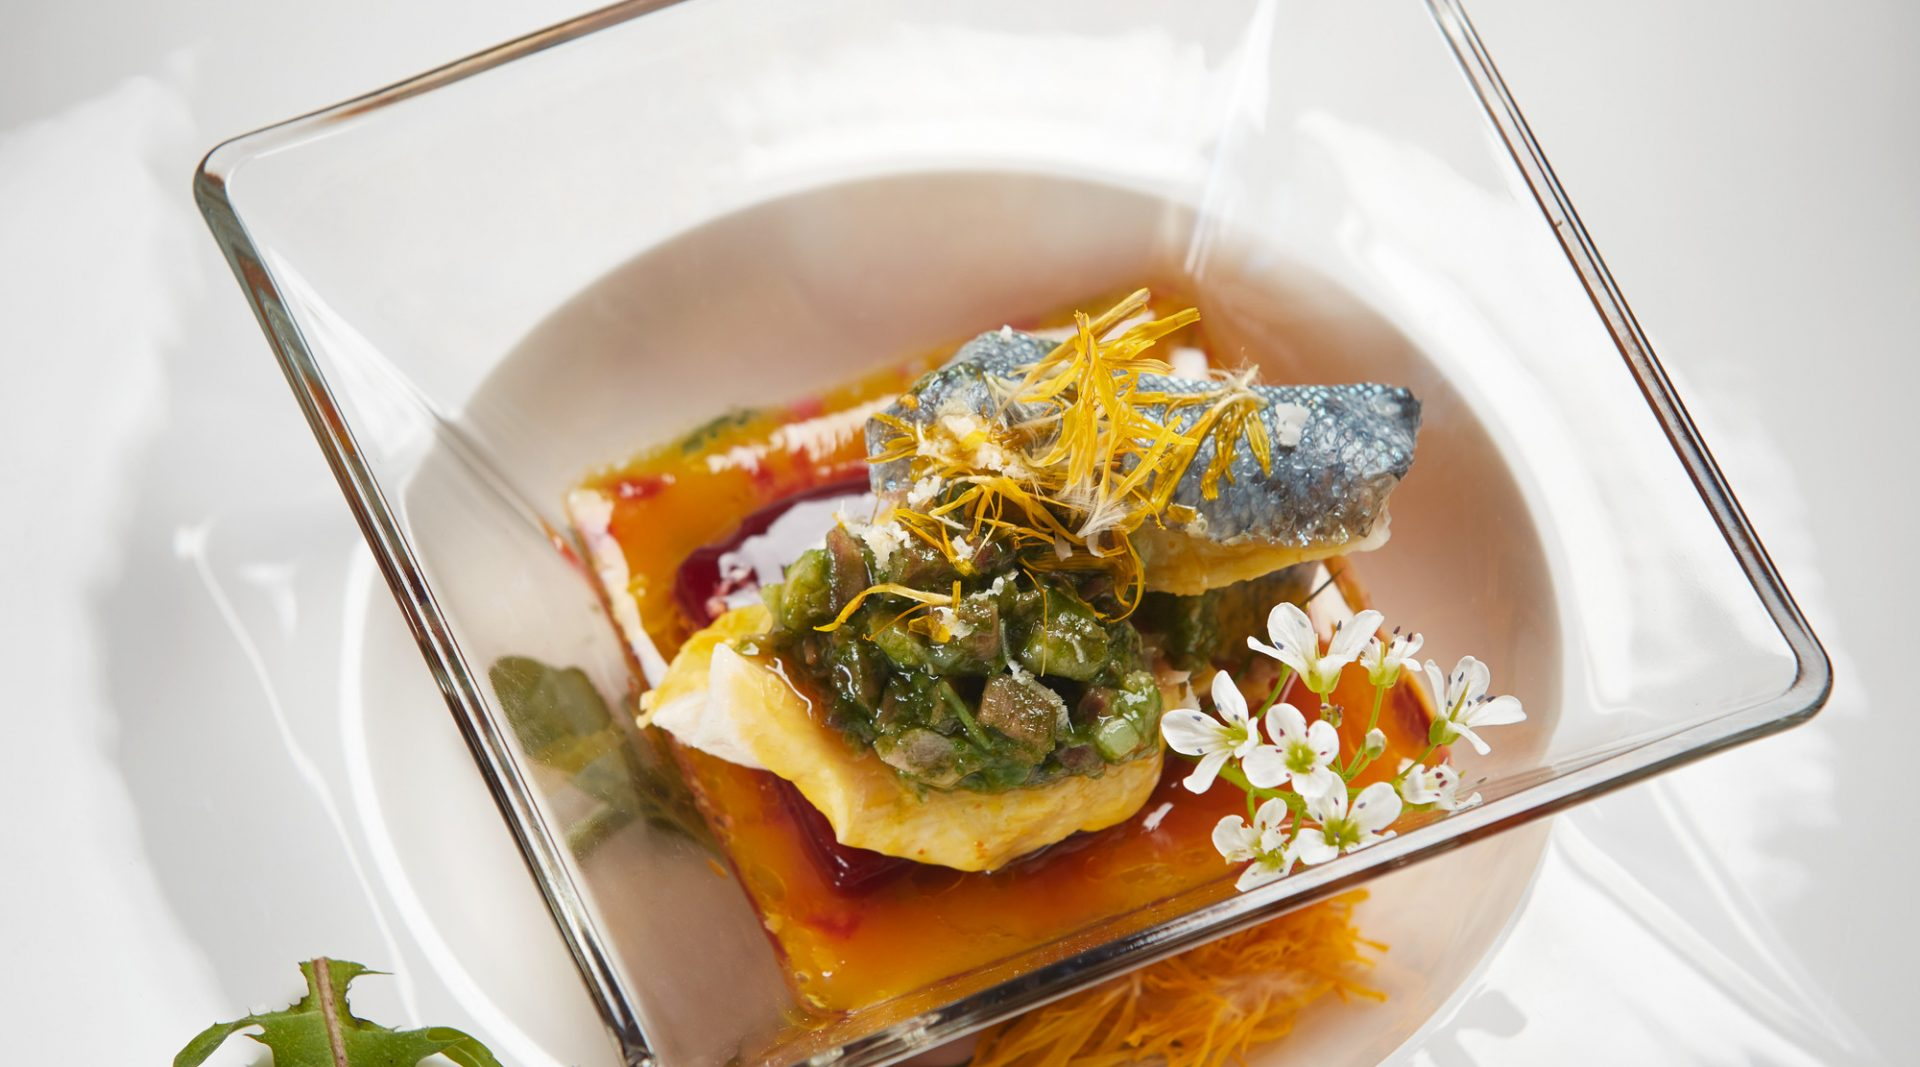 Fischgericht schön garniert mit Blüten